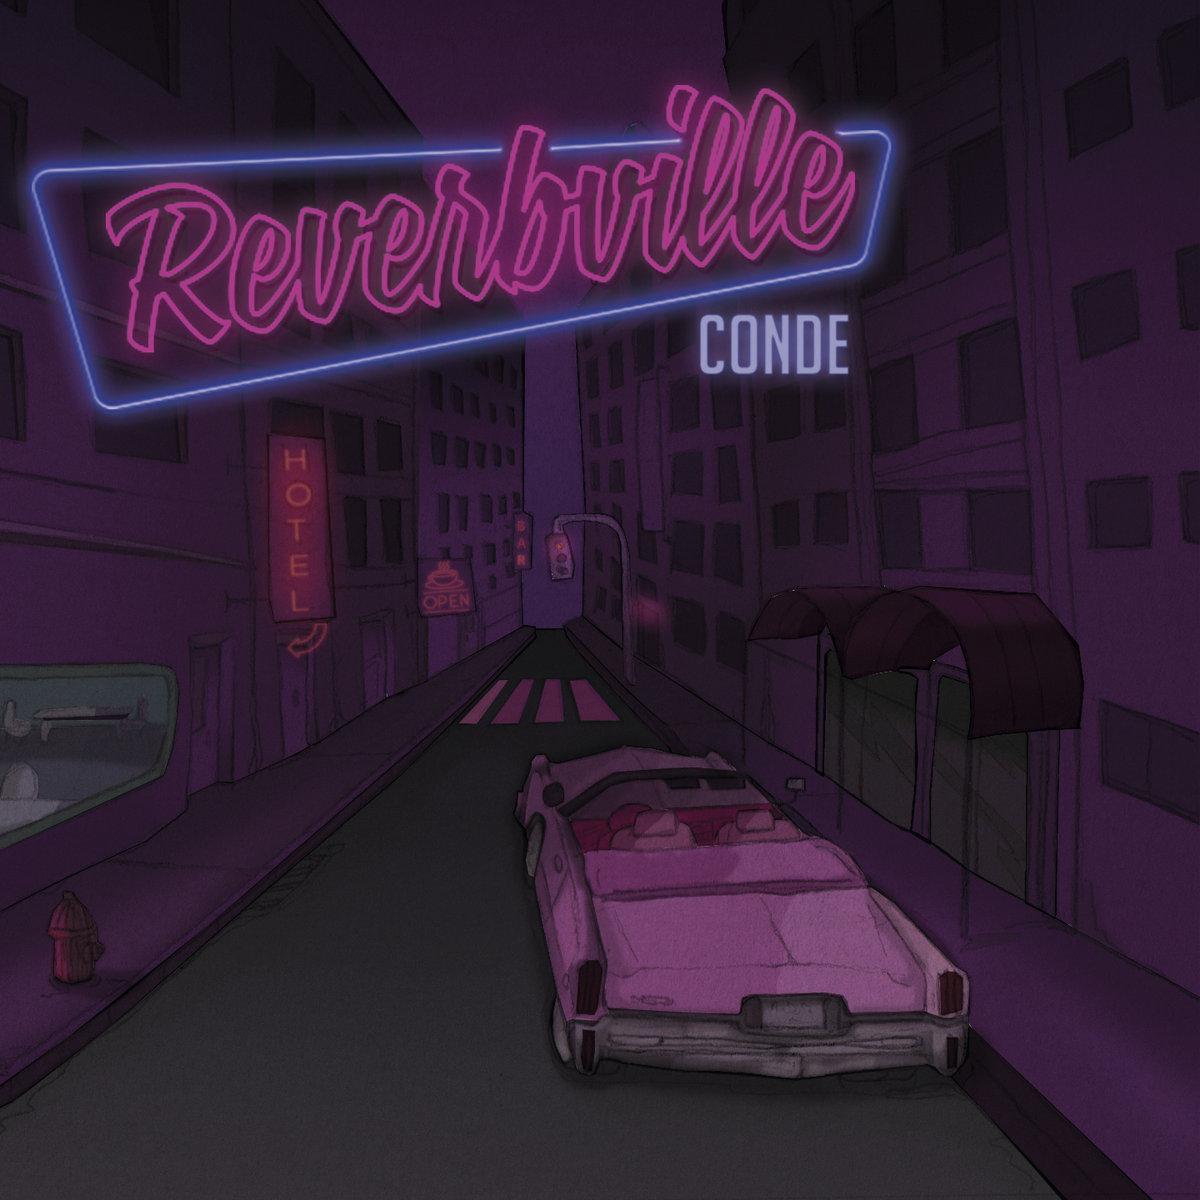 Resultado de imagen de conde reverbville